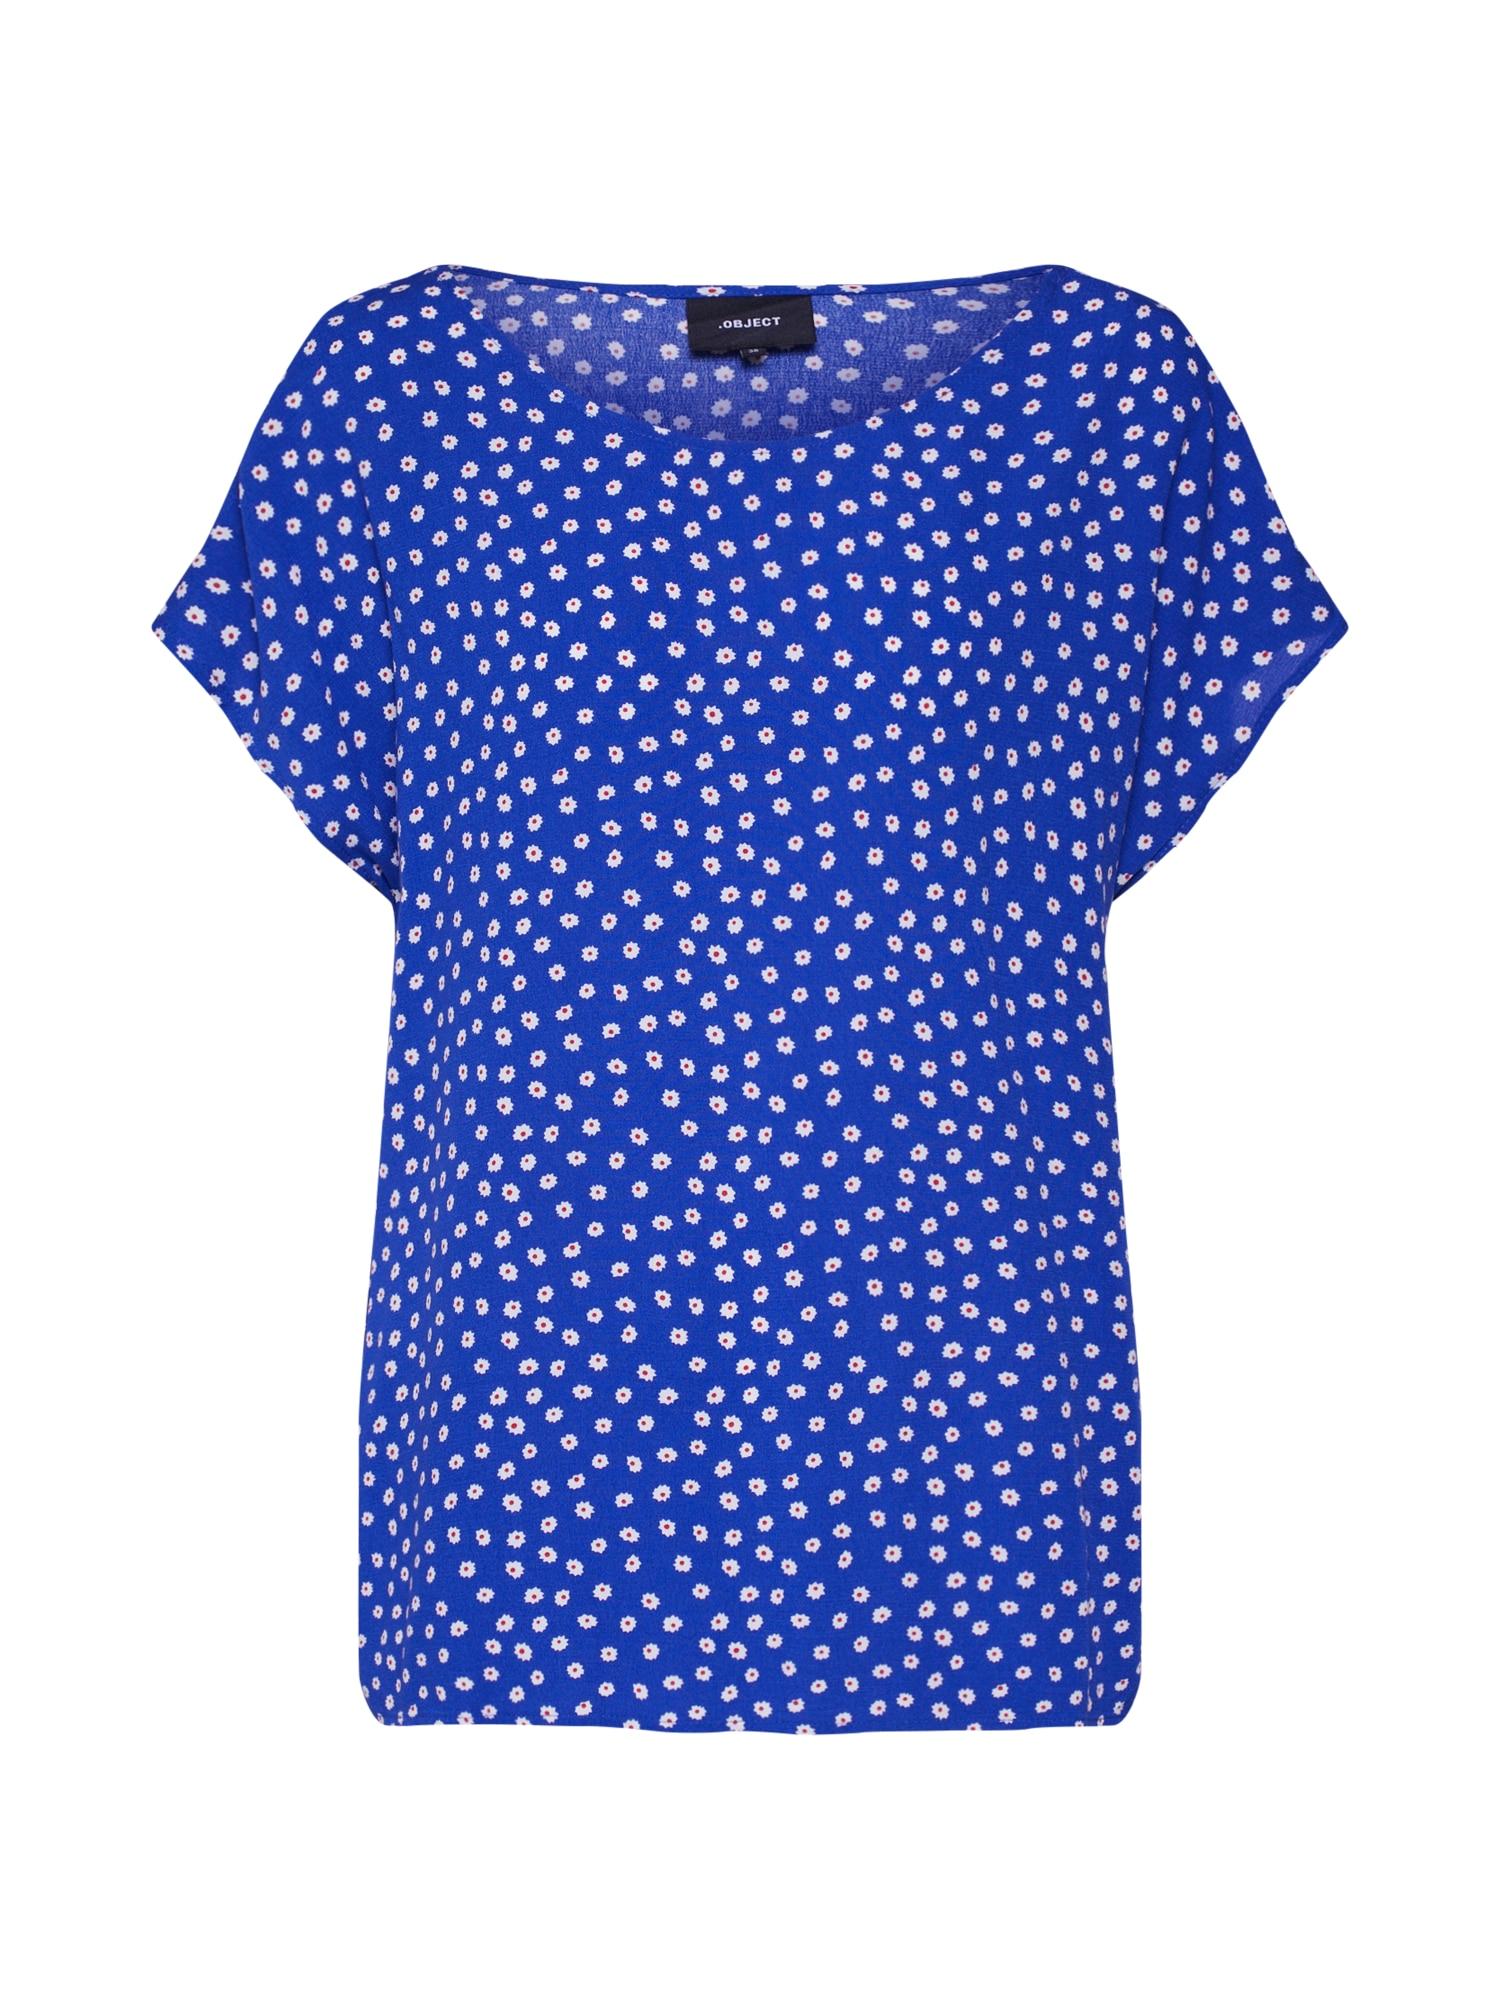 Tričko BAY královská modrá OBJECT